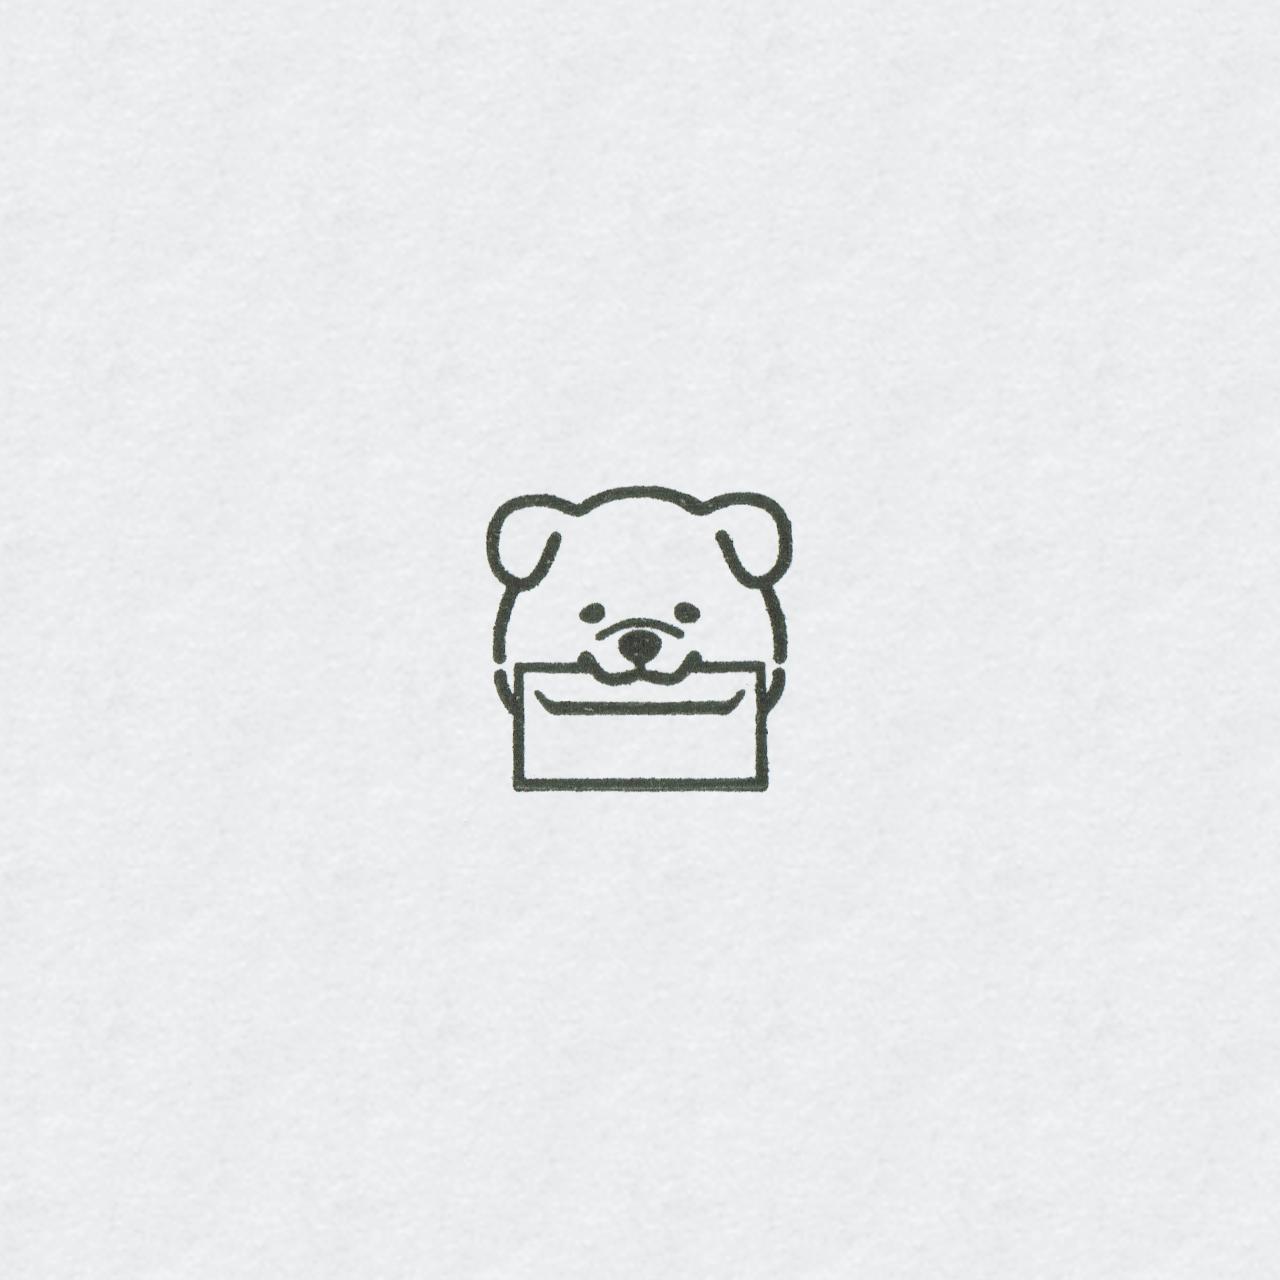 封筒と柴犬 ミニハンコ